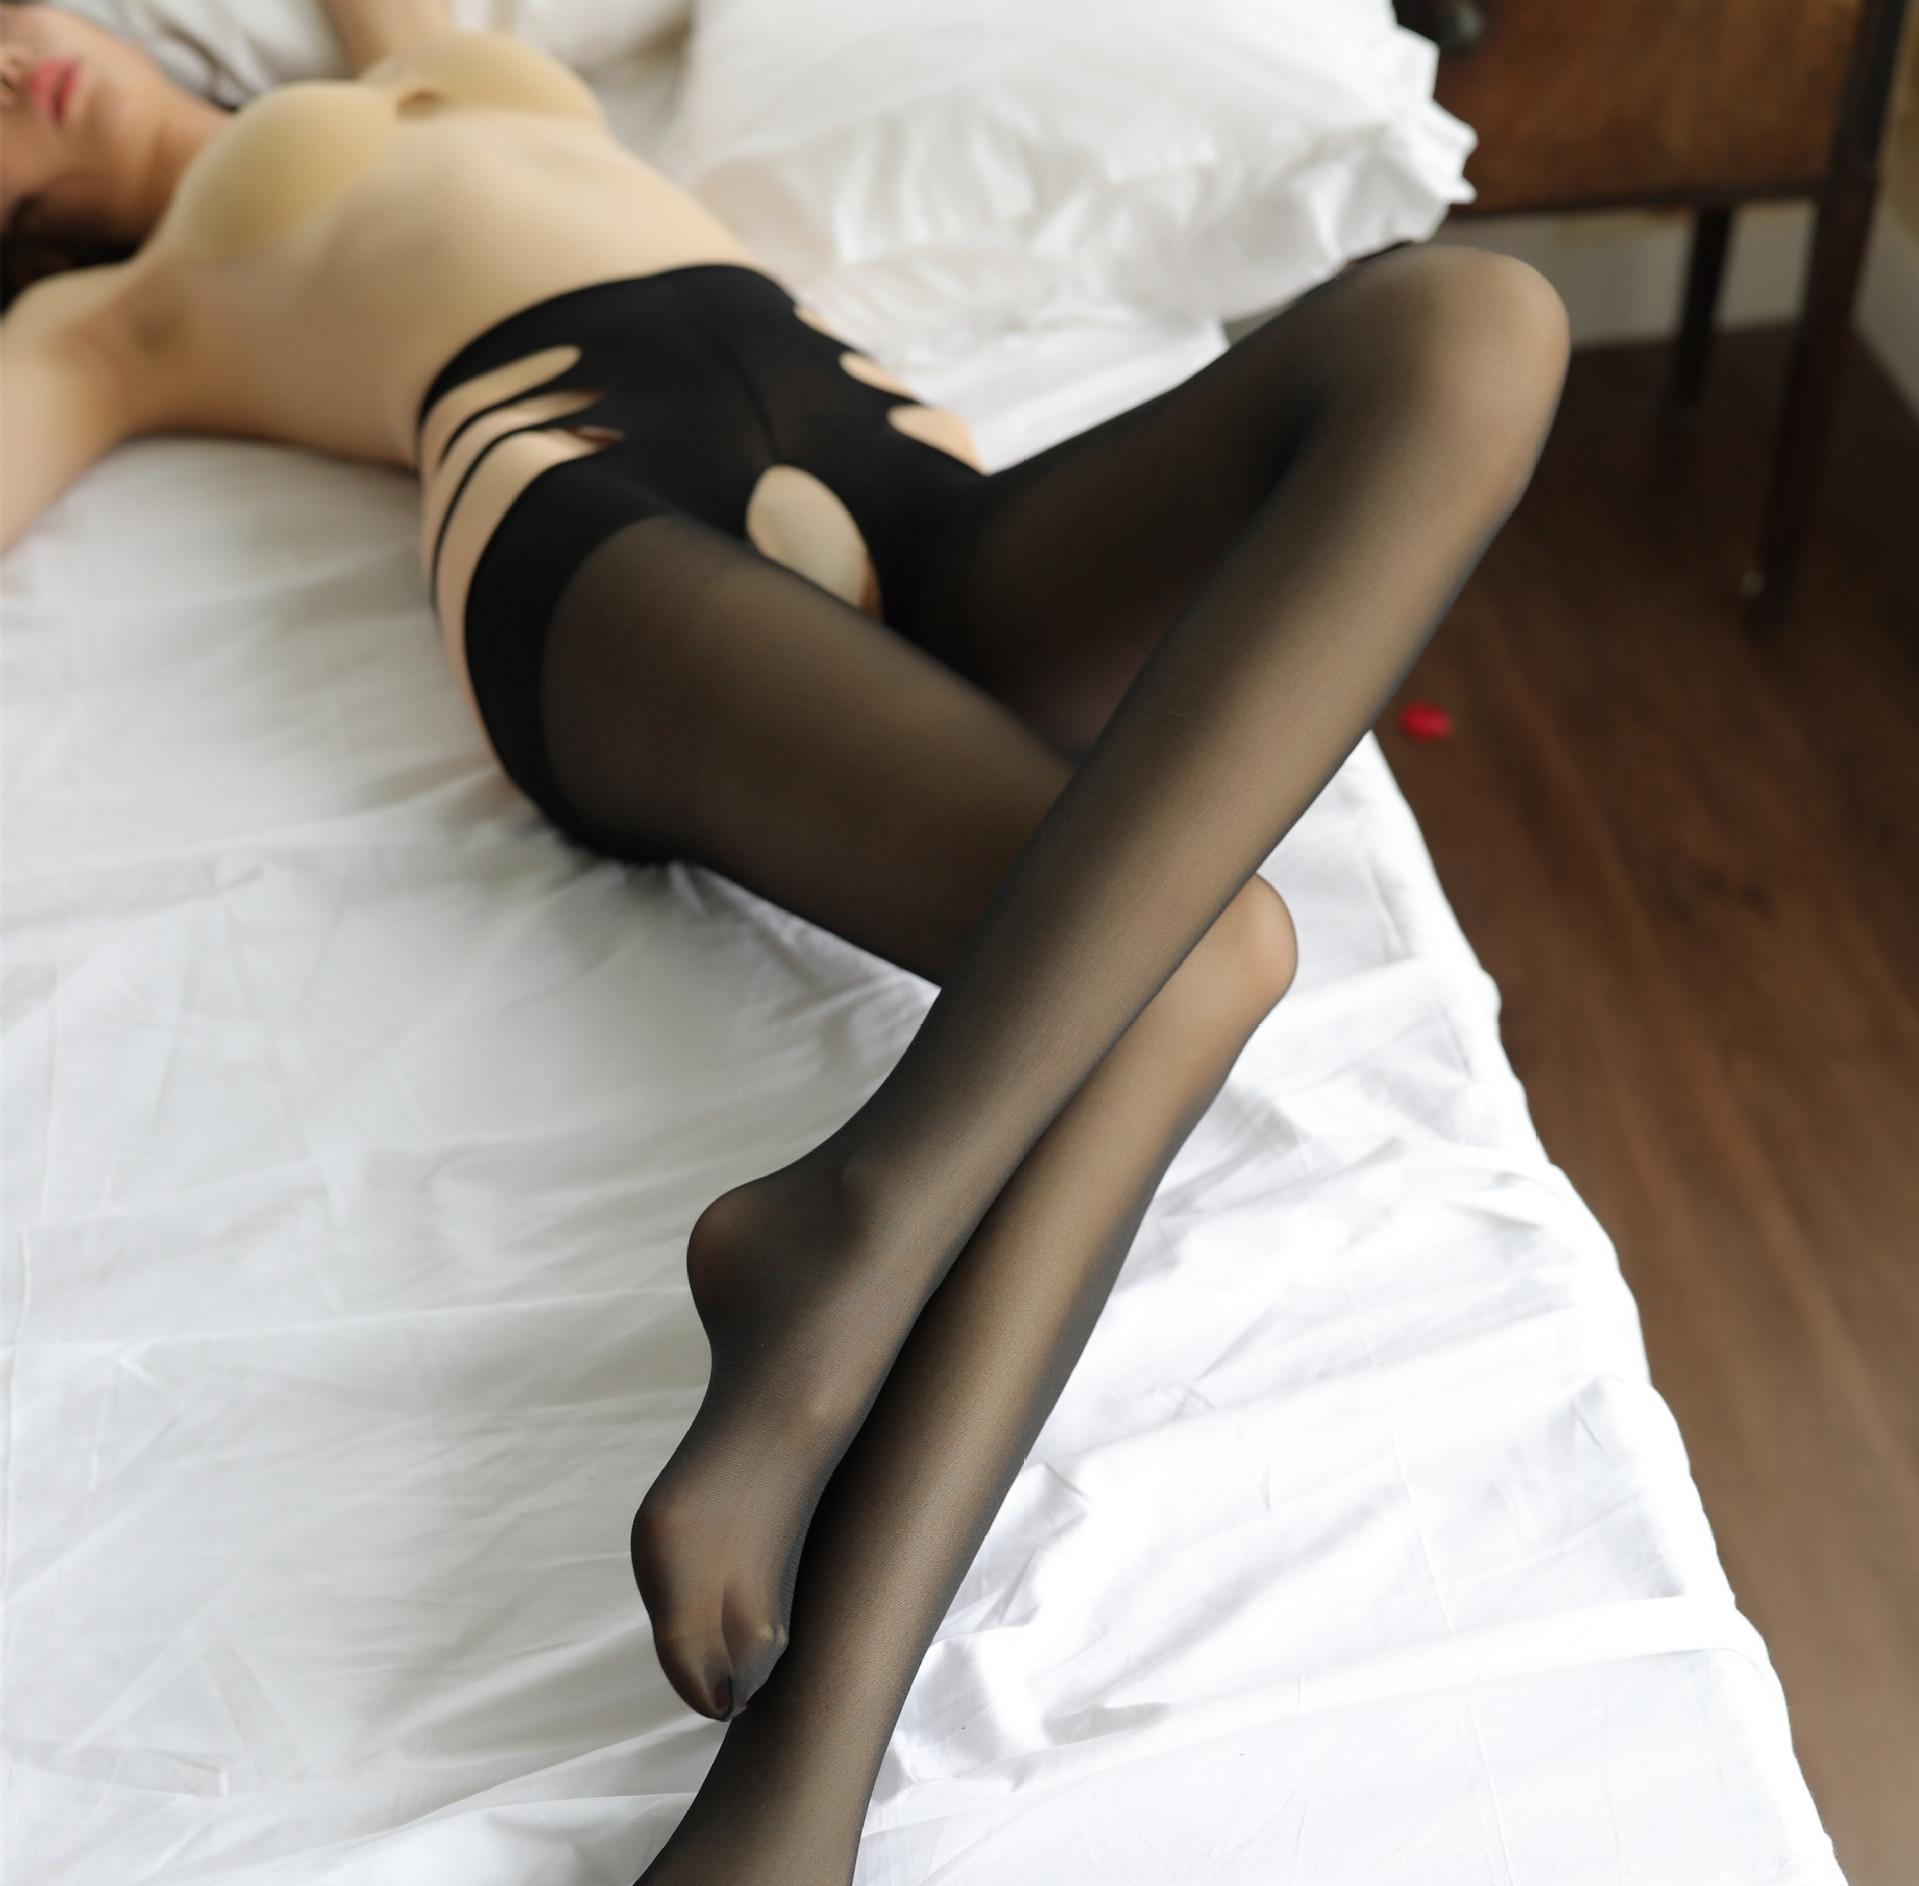 gato qJbUk fina meias quatro laterais lingerie sexy e roupas íntimas e perspectiva livre de virilha meia-calça meia-calça aberta rosto transparente